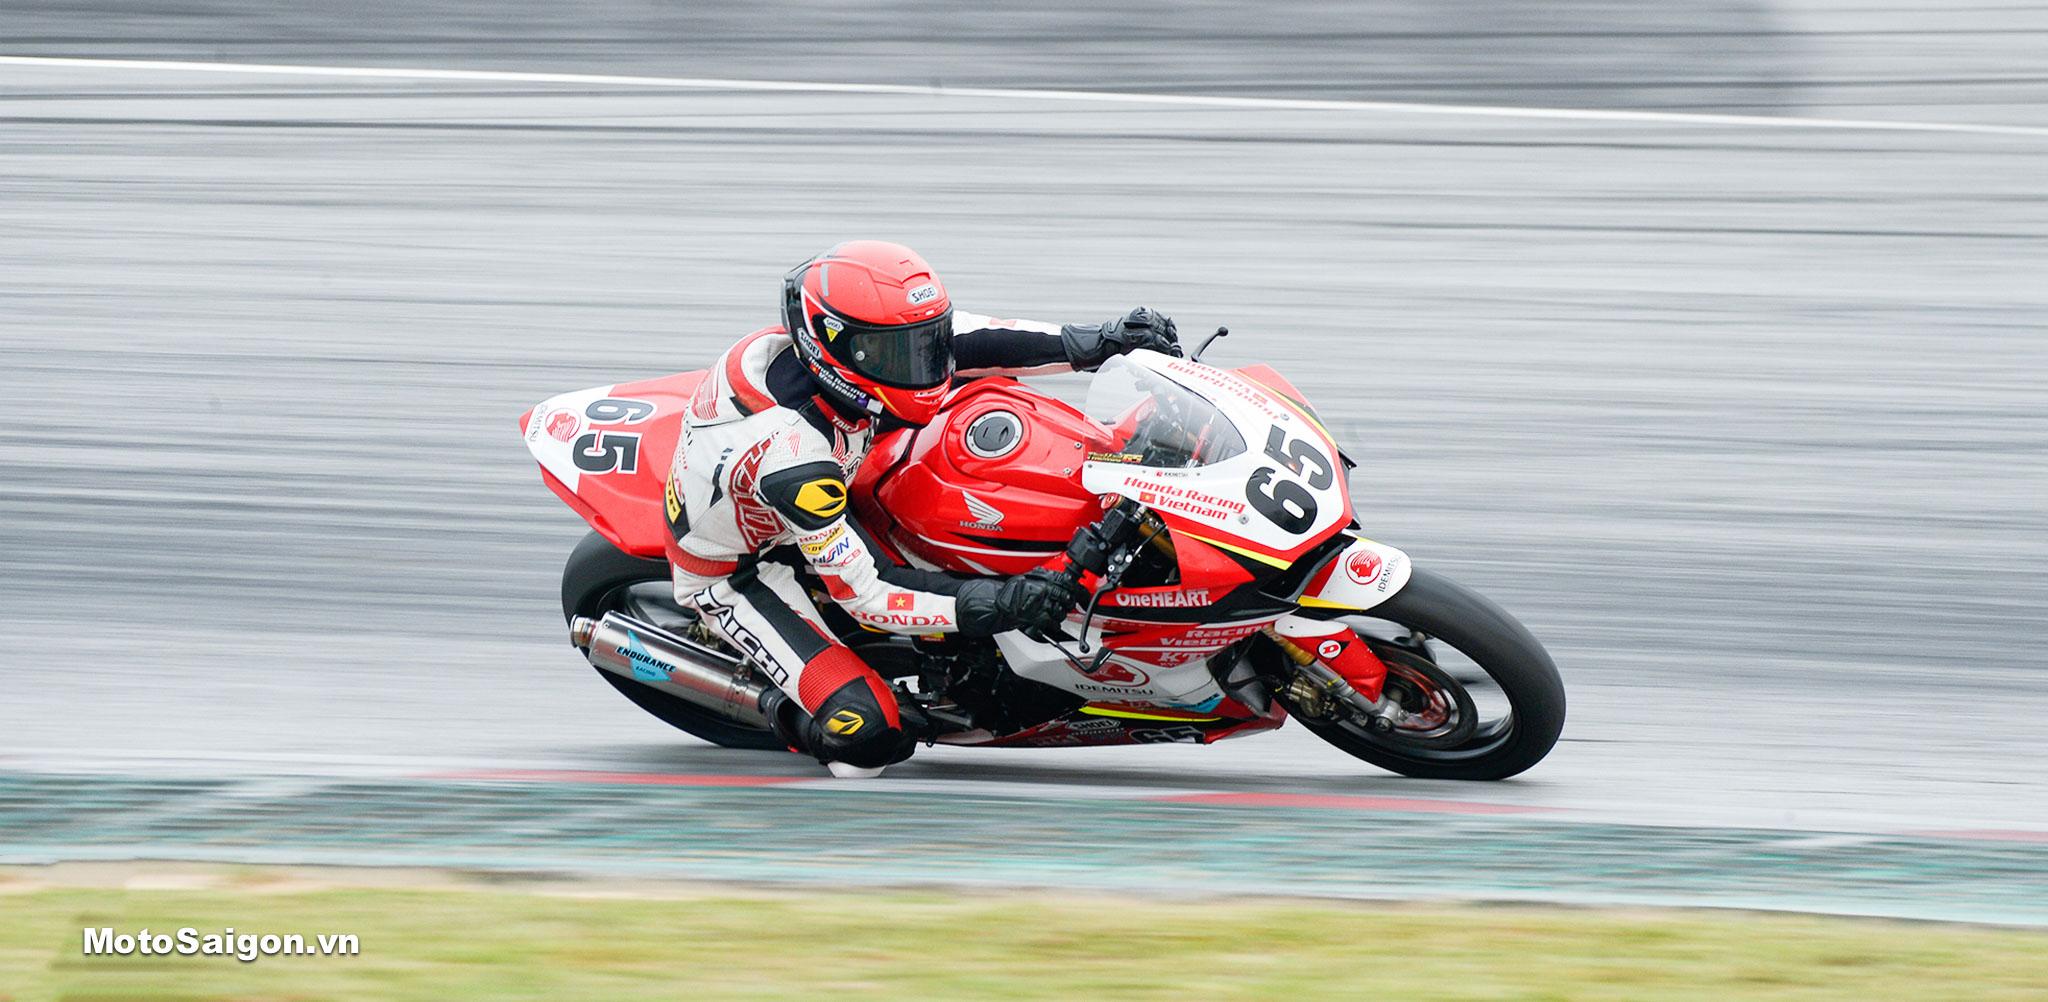 Honda Racing Vietnam là đội đua Việt Nam duy nhất thi đấu tại các giải quốc tế